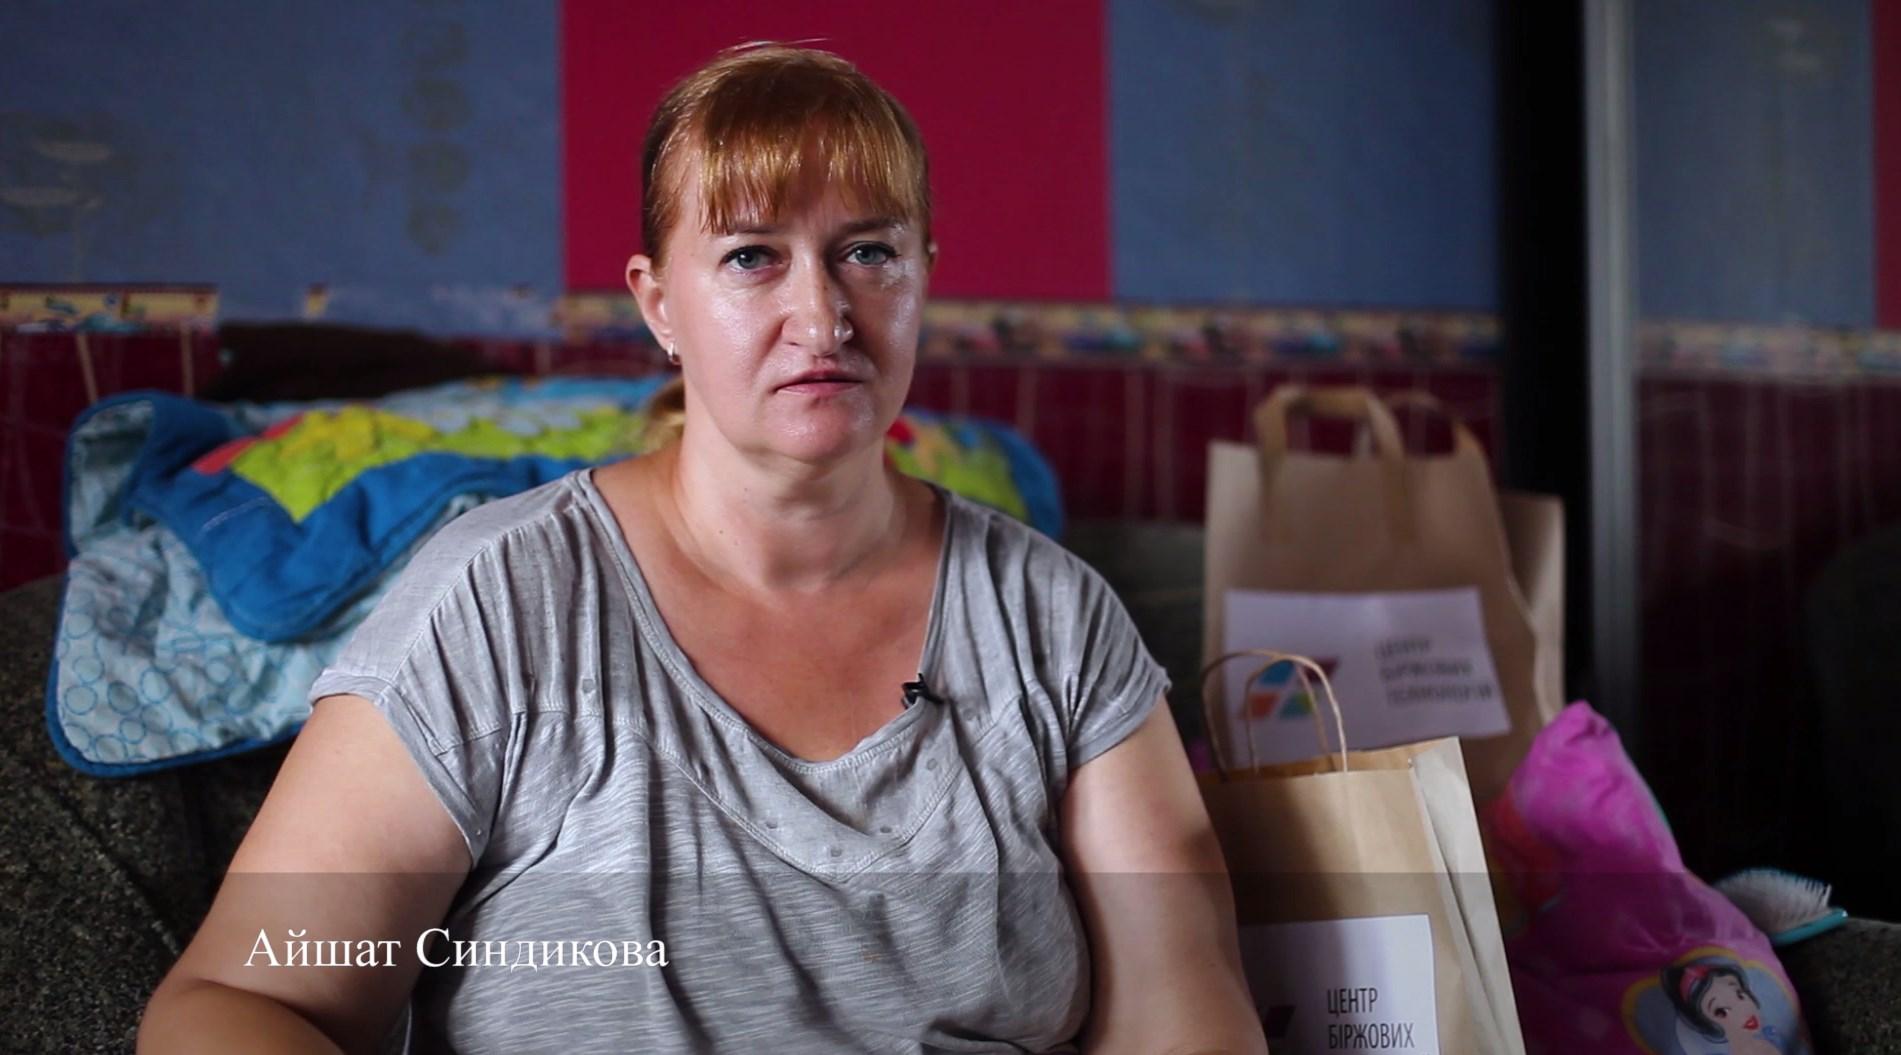 Благодійність ЦБТ: допомога багатодітній матері Айшат